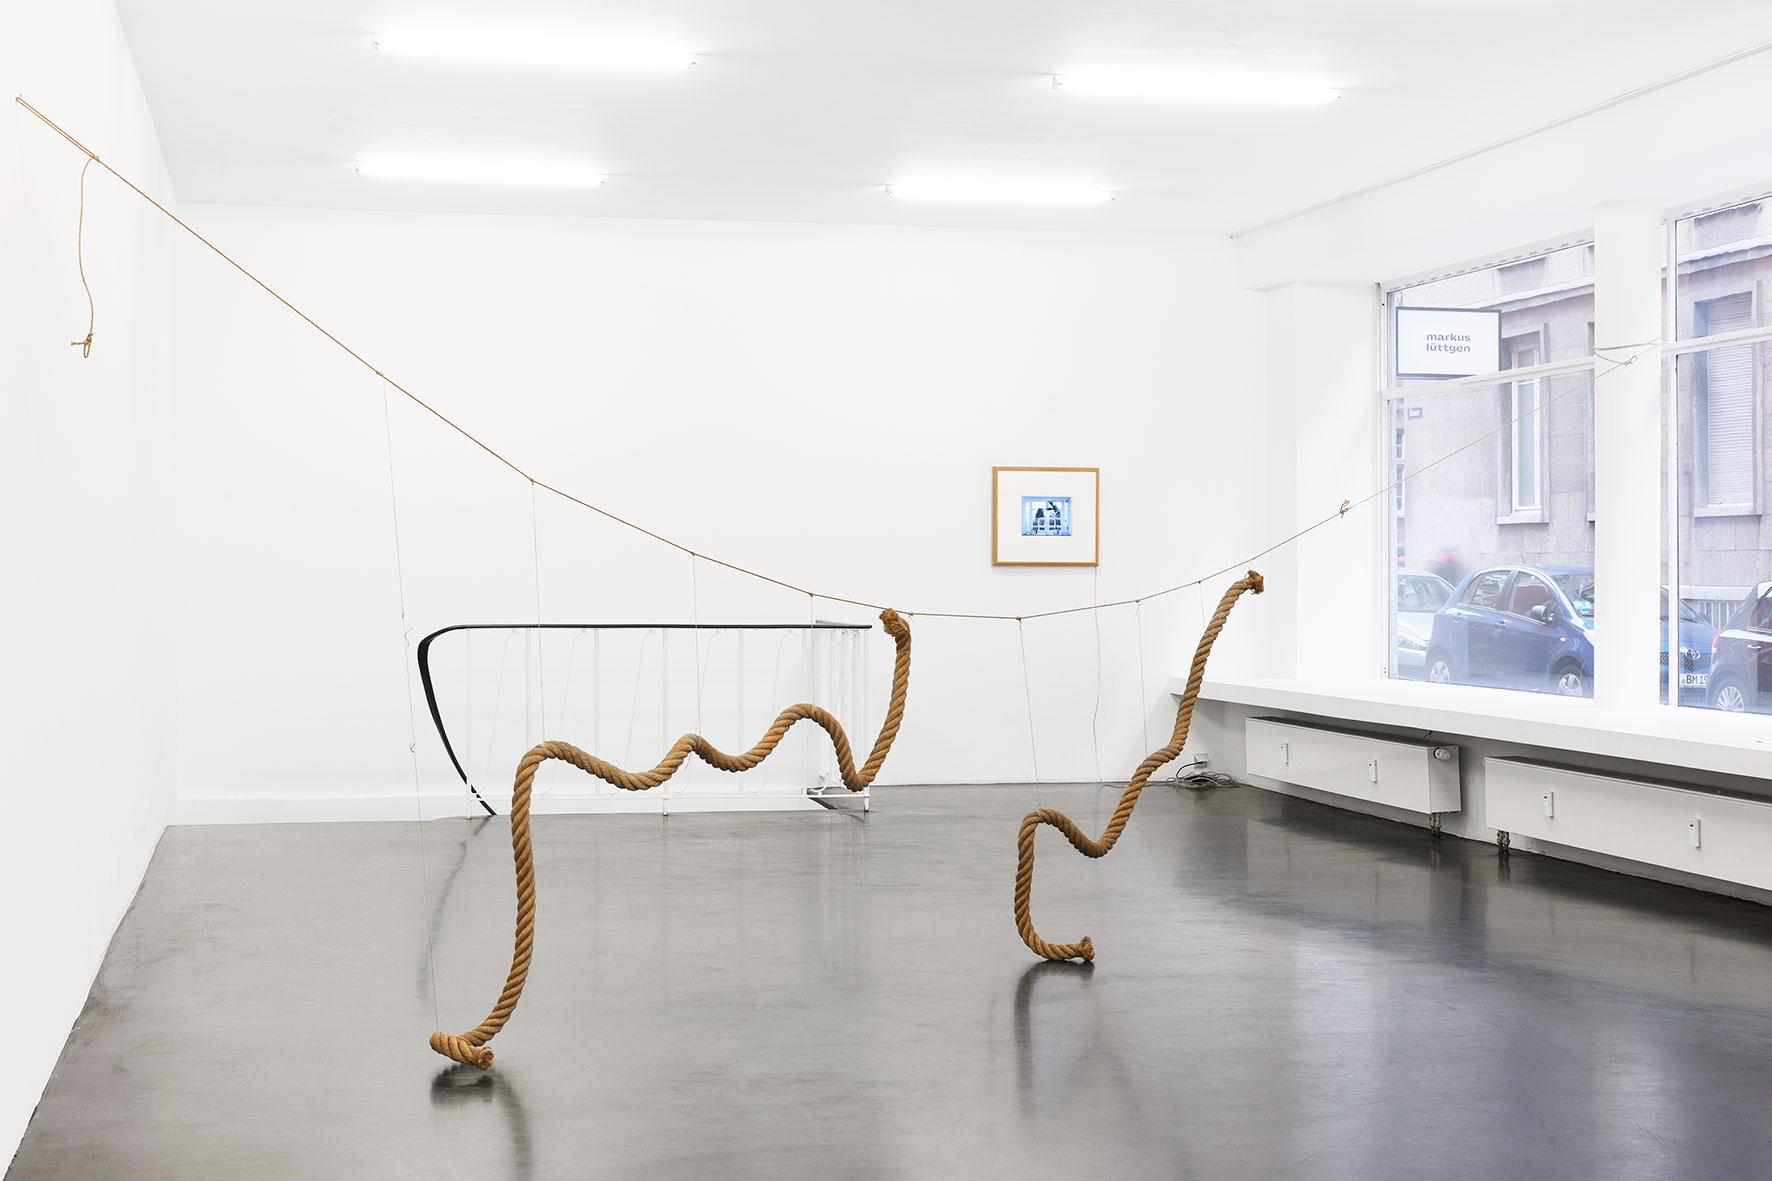 Ger van Elk_Installation View_2_Markus Luettgen Gallery